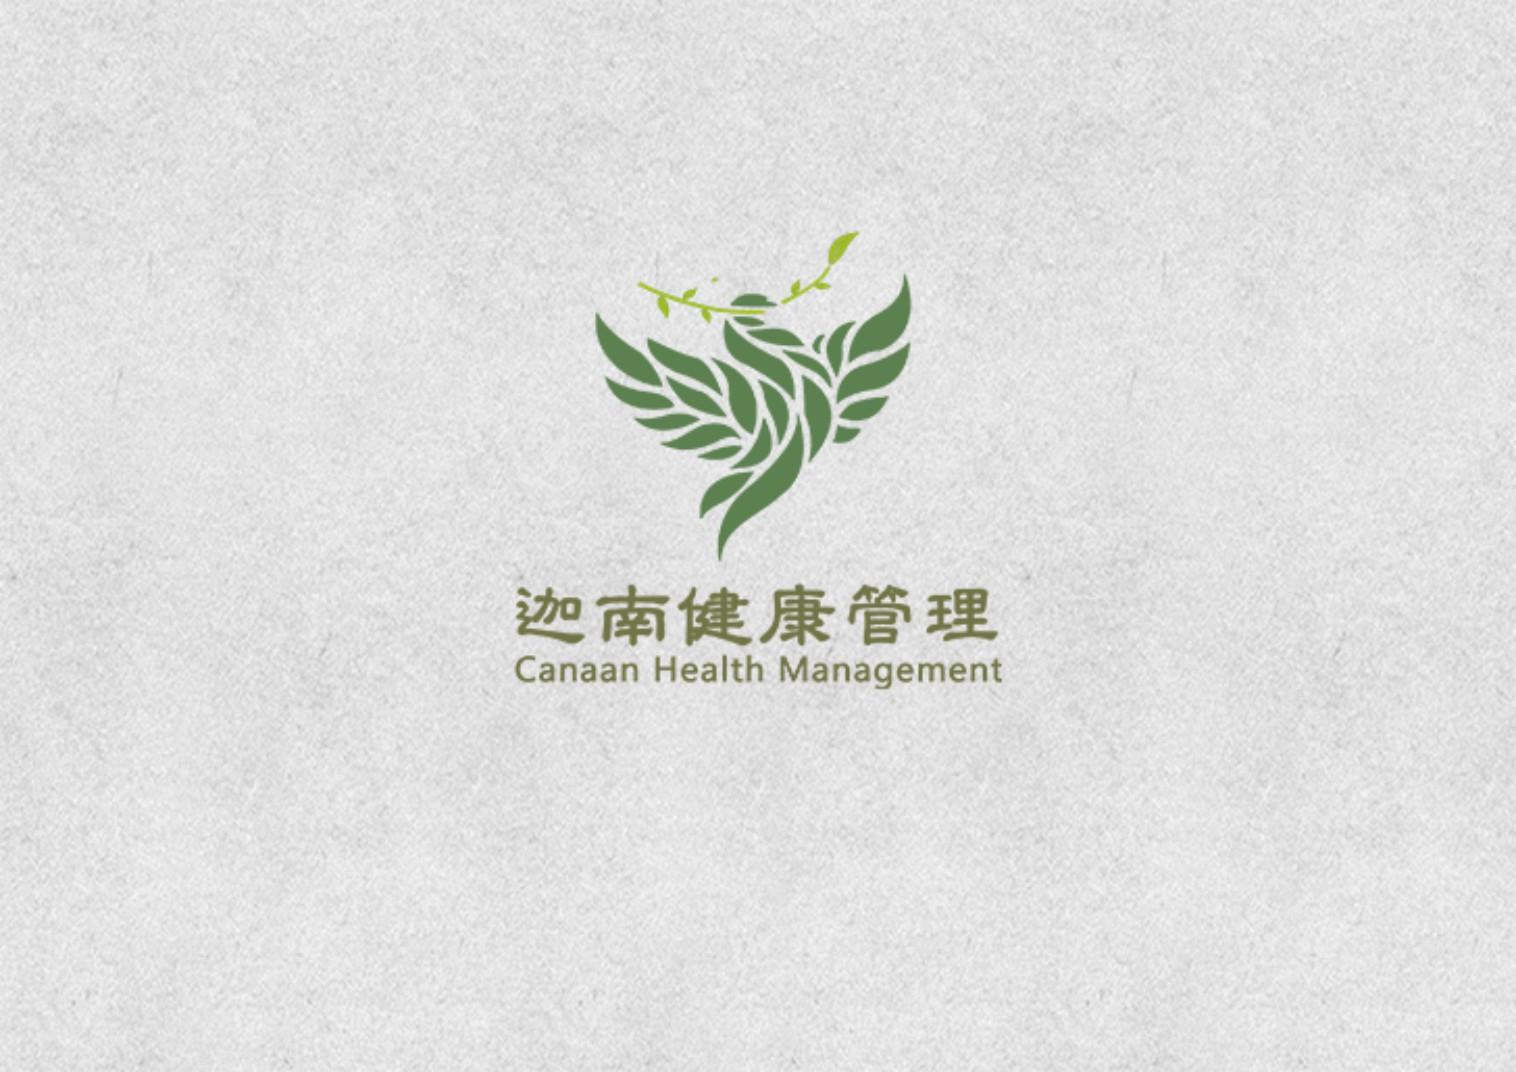 迦南健康管理有限公司LOGO设计